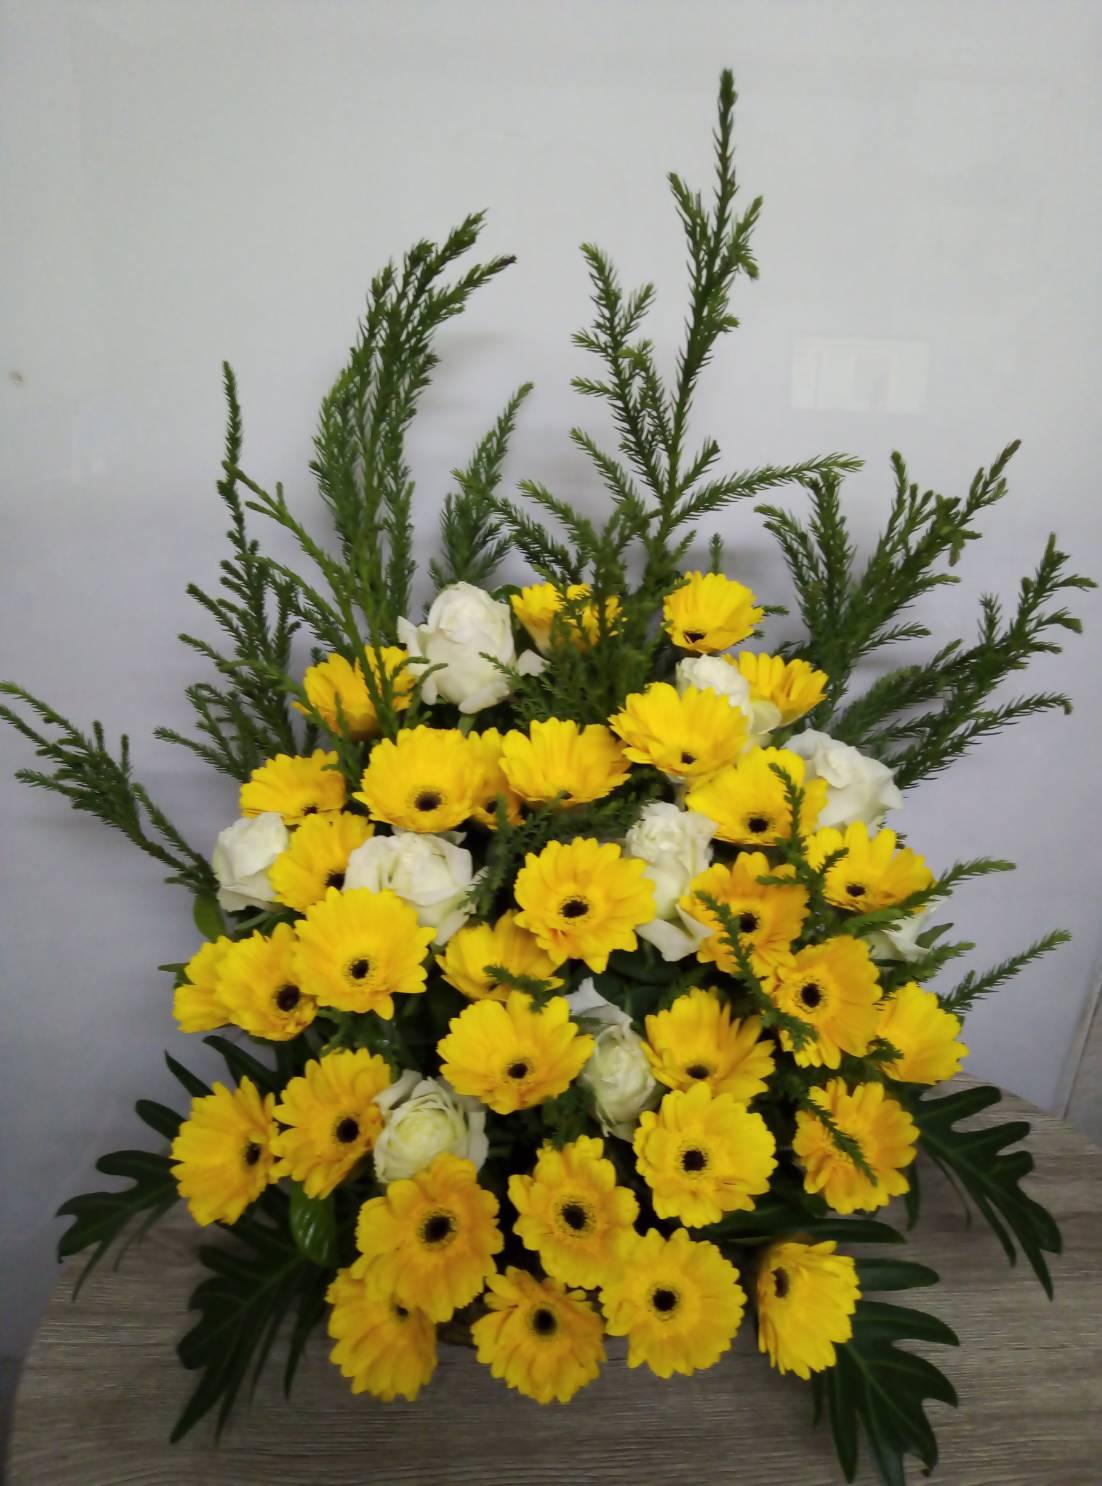 กระเช้าดอกเยอบีร่าสีเหลืองและดอกไลเซนทัสสีขาว สดใส โดดเด่นสะดุดตา